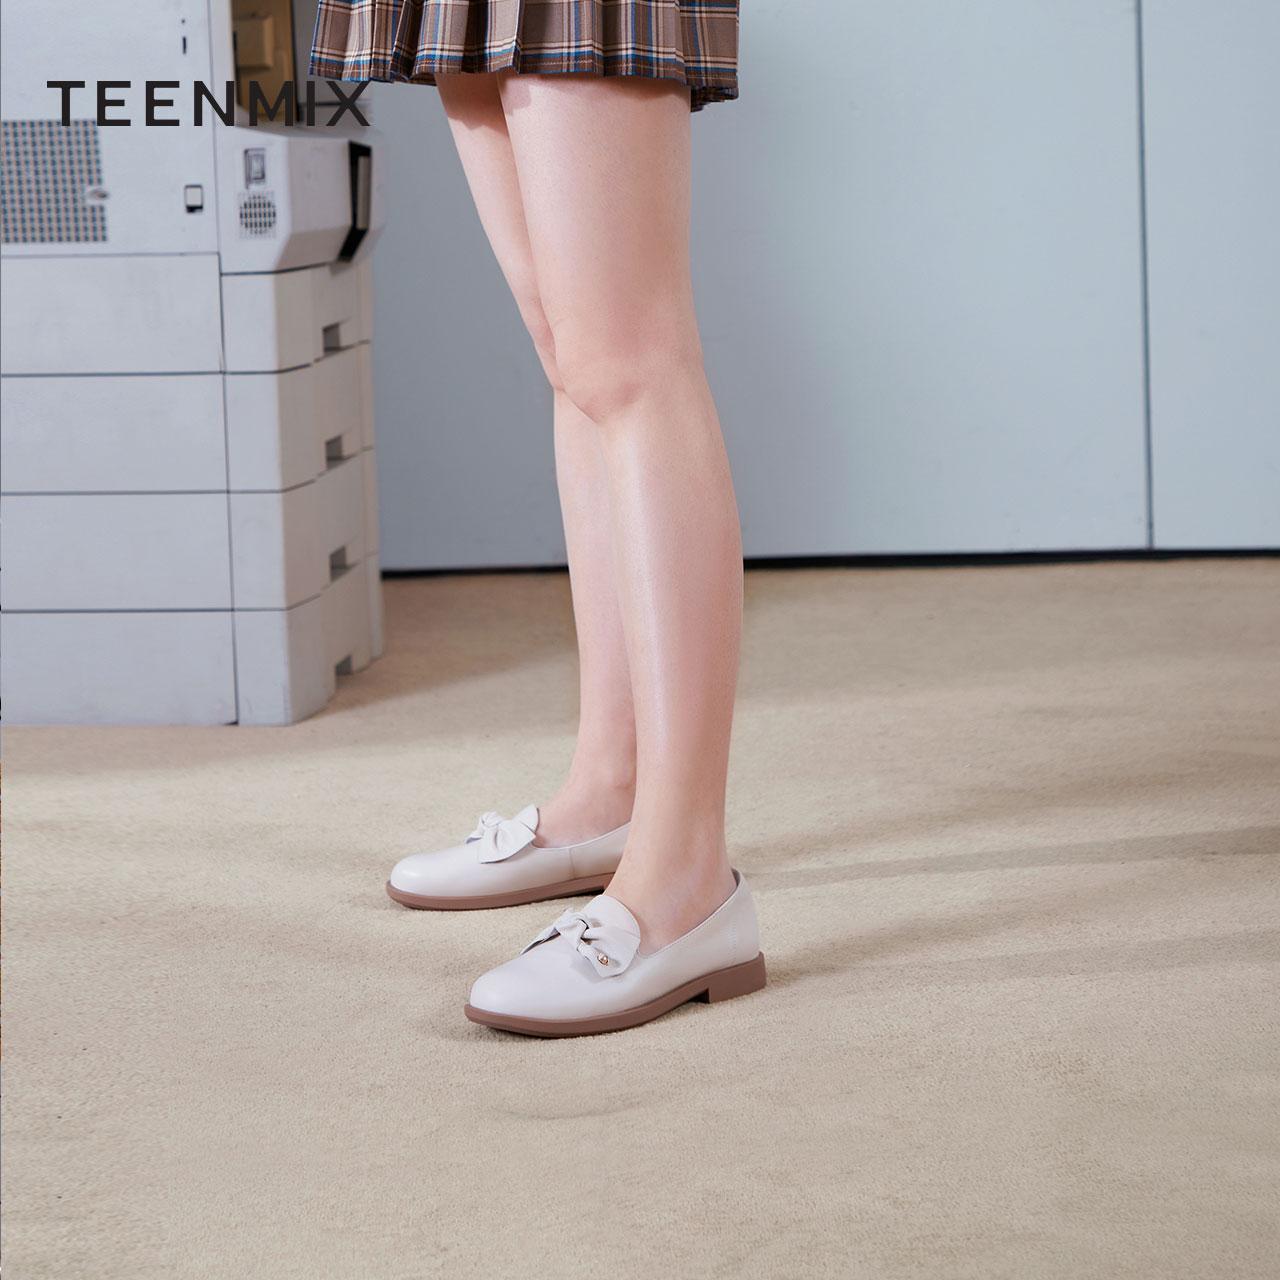 CW904AA1 春新商场同款蝴蝶结乐福鞋女士单鞋商务小皮鞋 2021 天美意